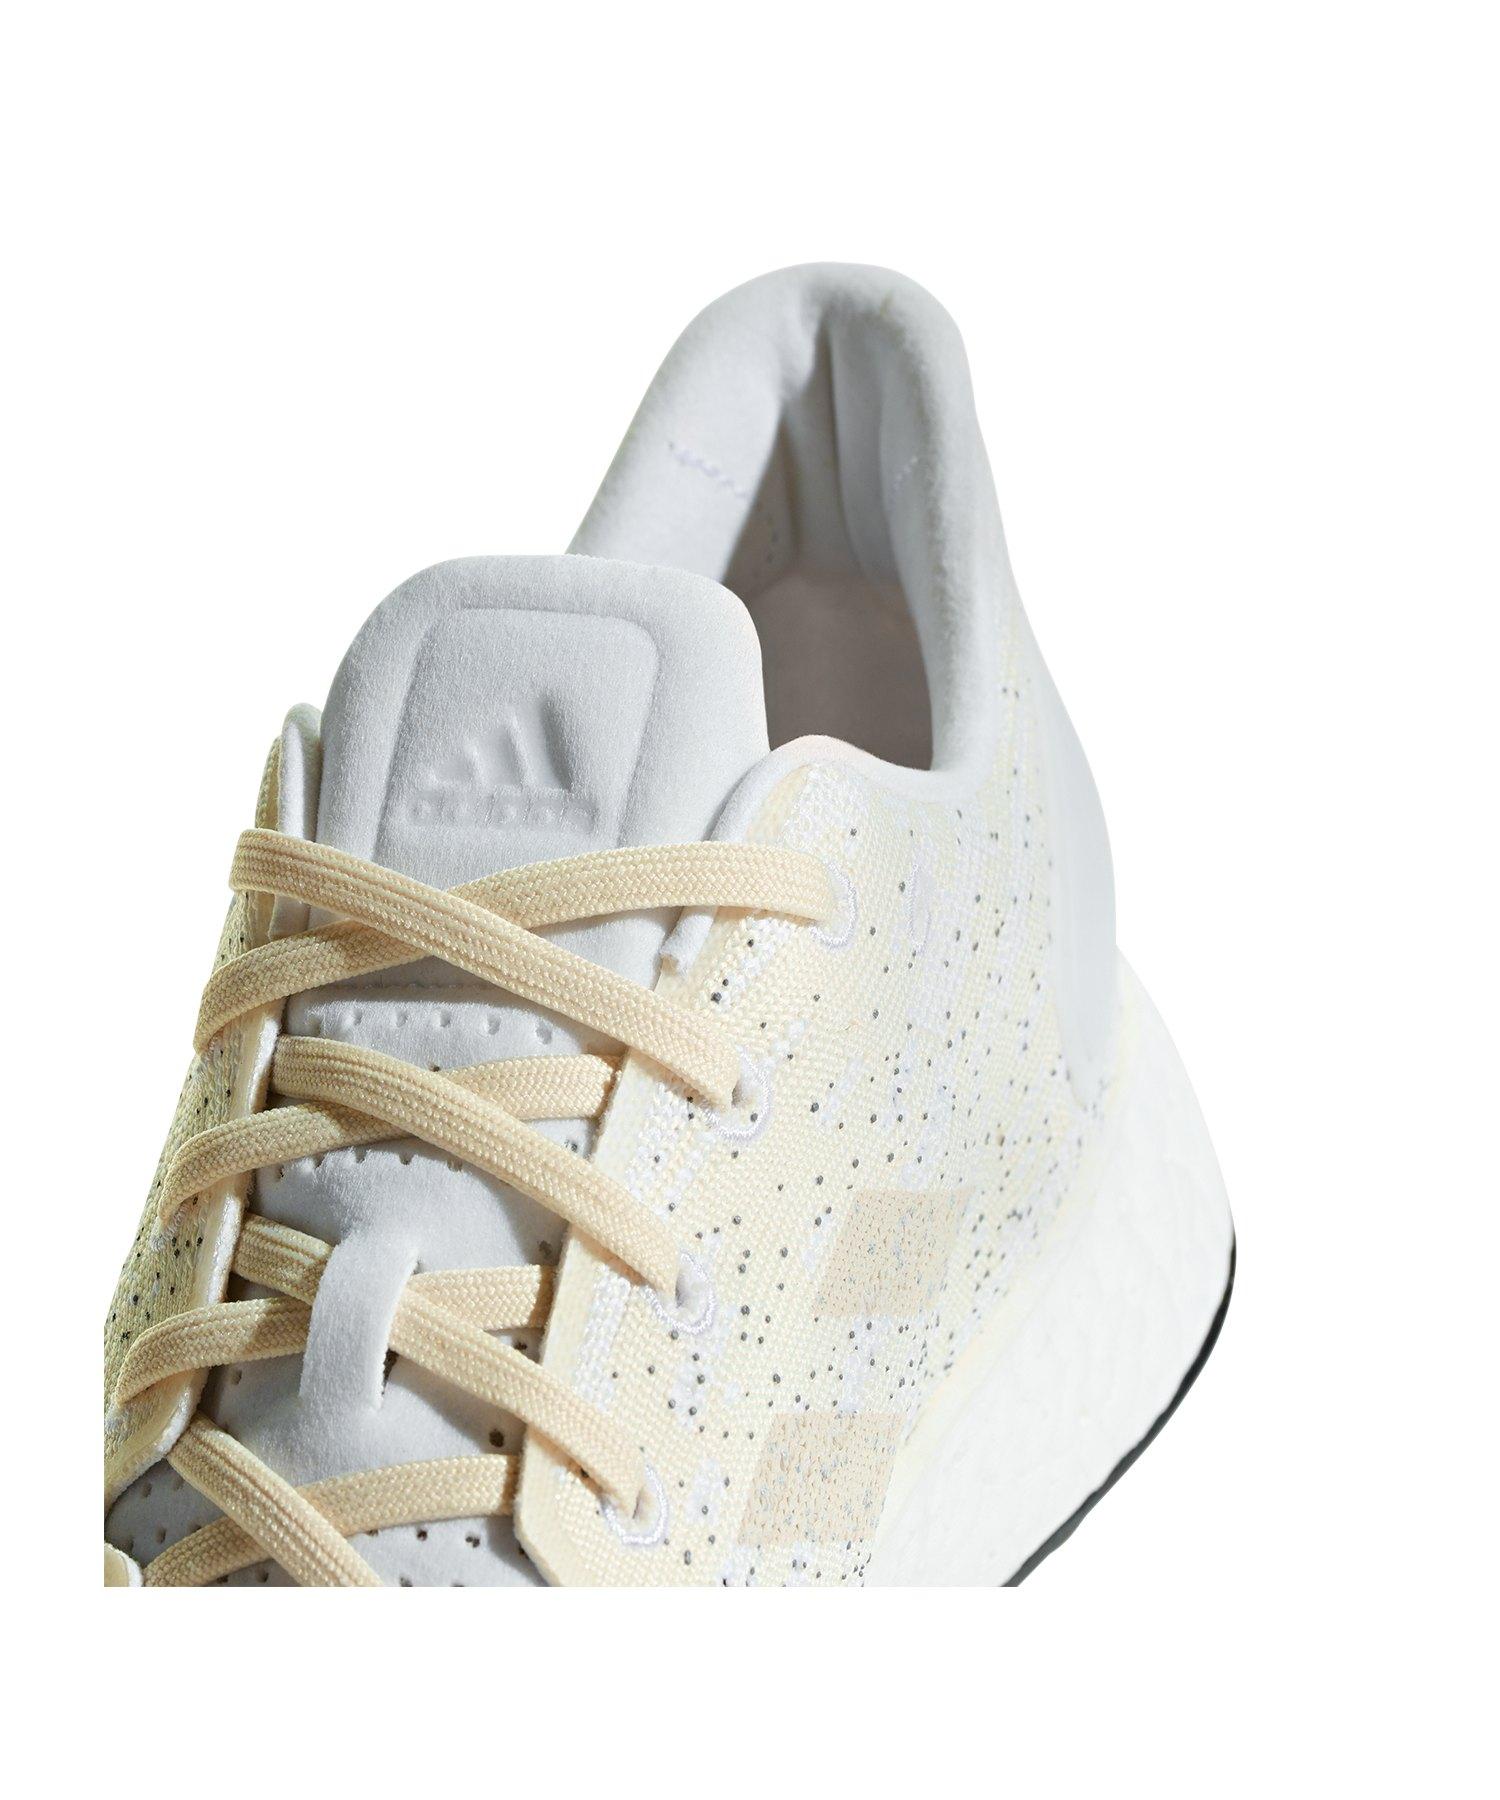 Dpr Running Grau Weiss Pure Boost Adidas y8PvNn0wOm